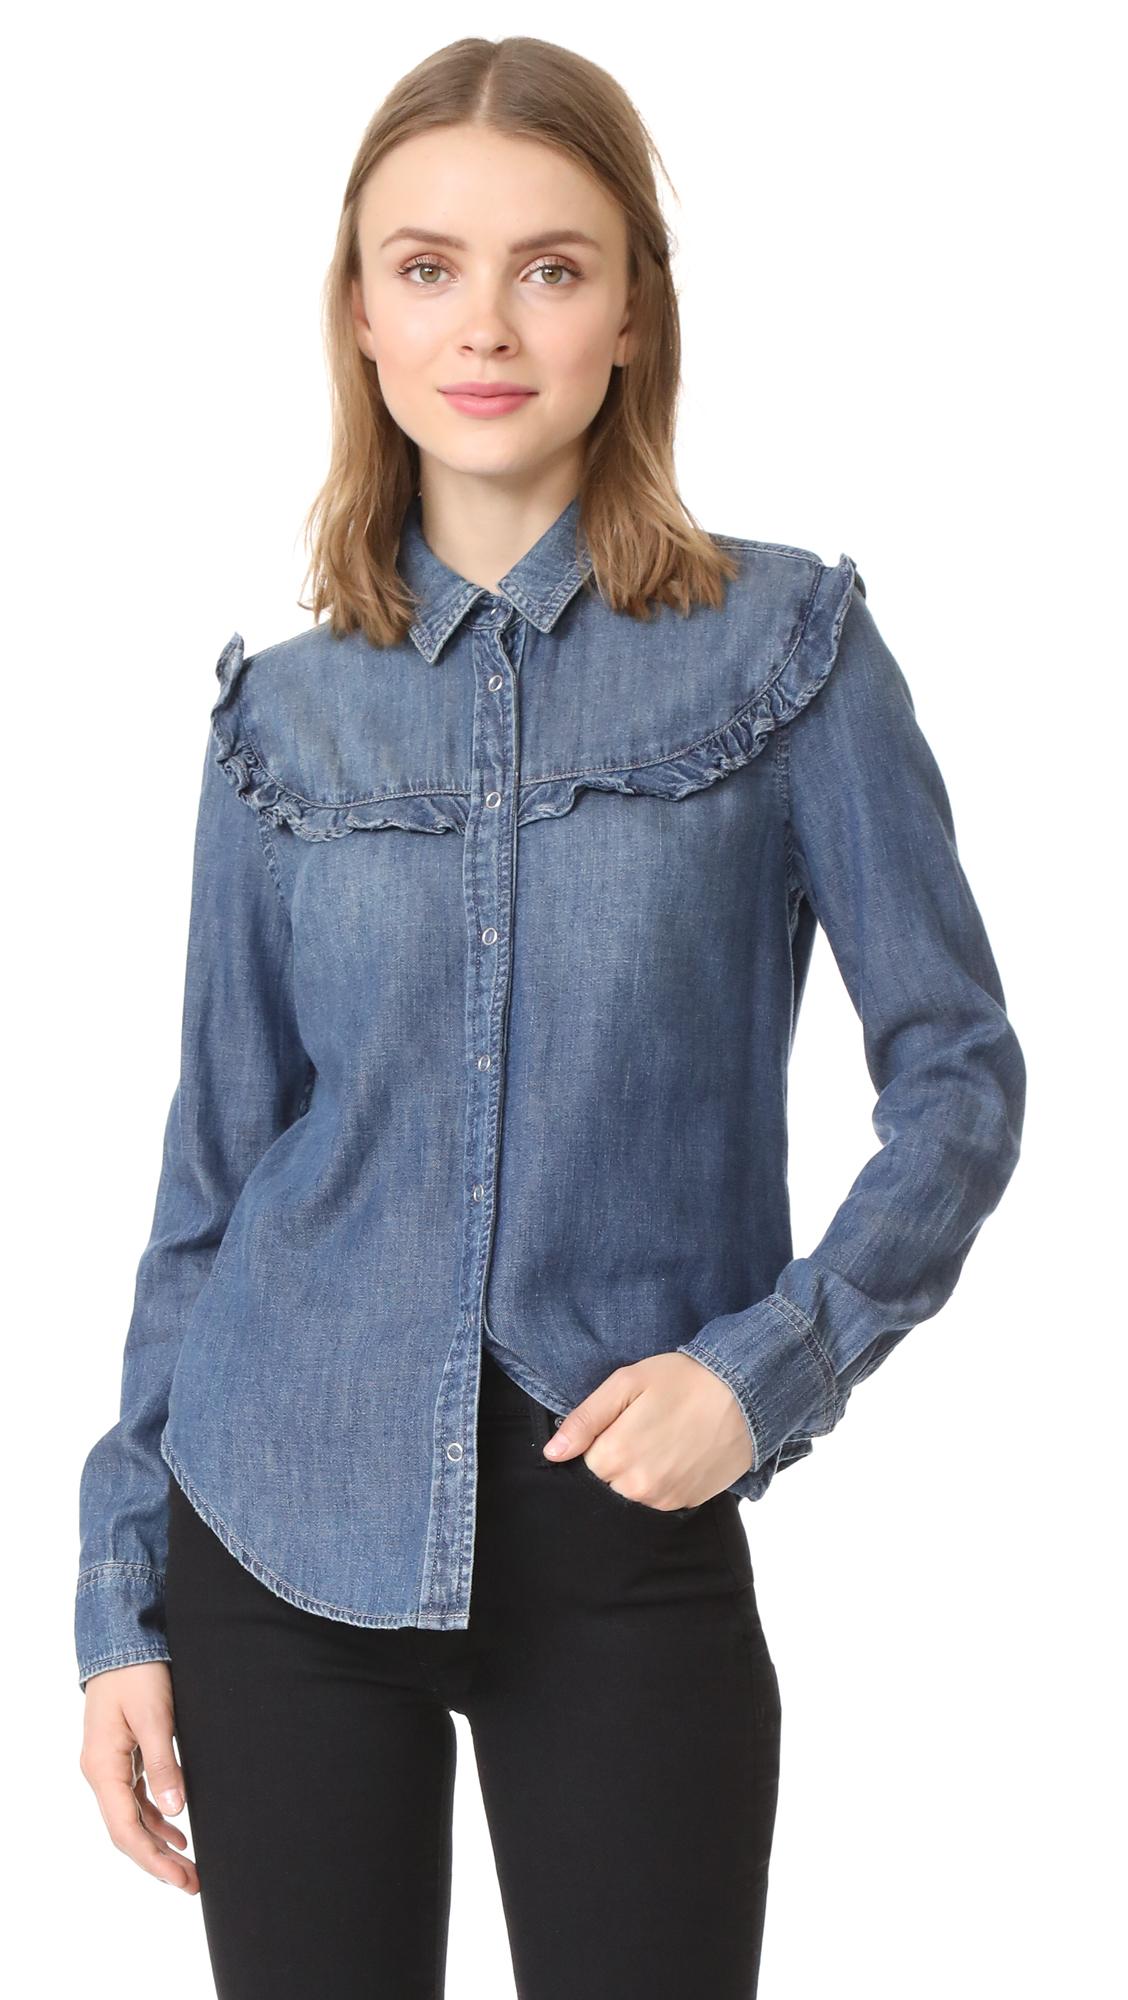 AG Joanna Ruffle Shirt